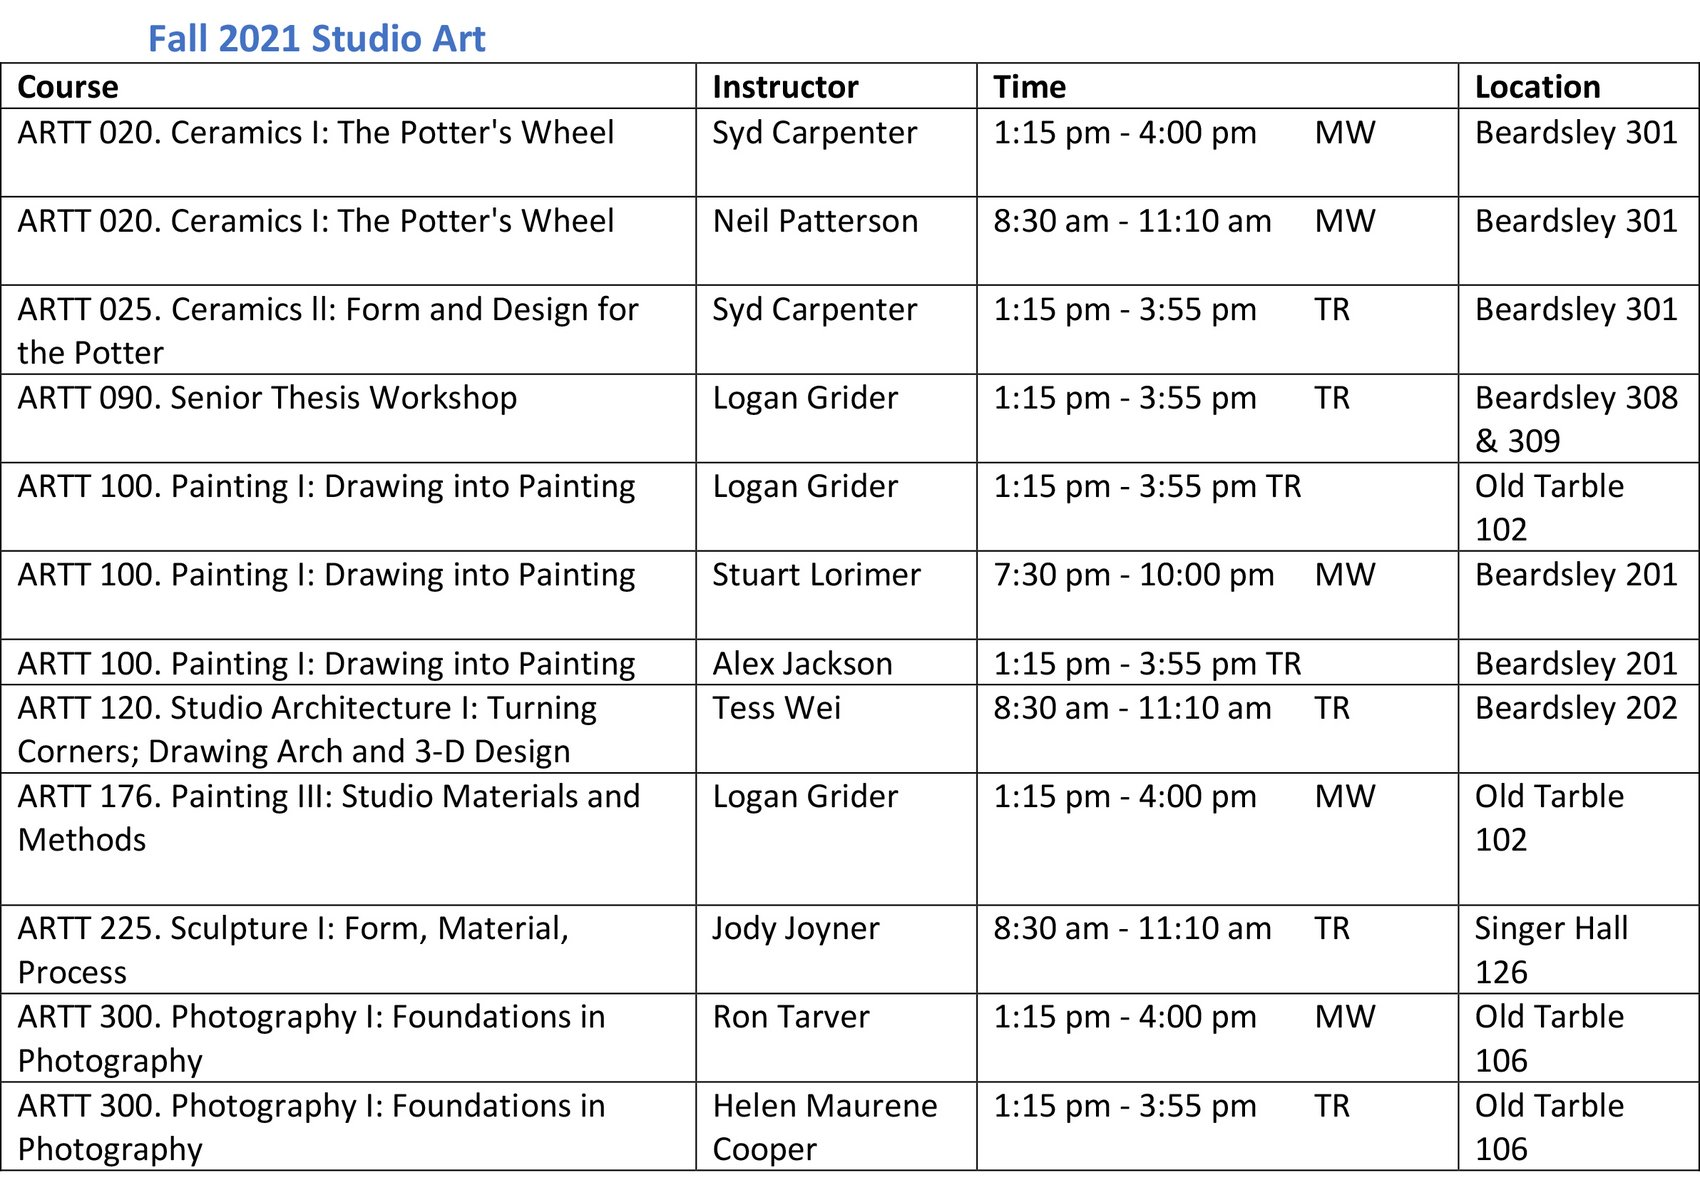 Fall 2021 art class schedule